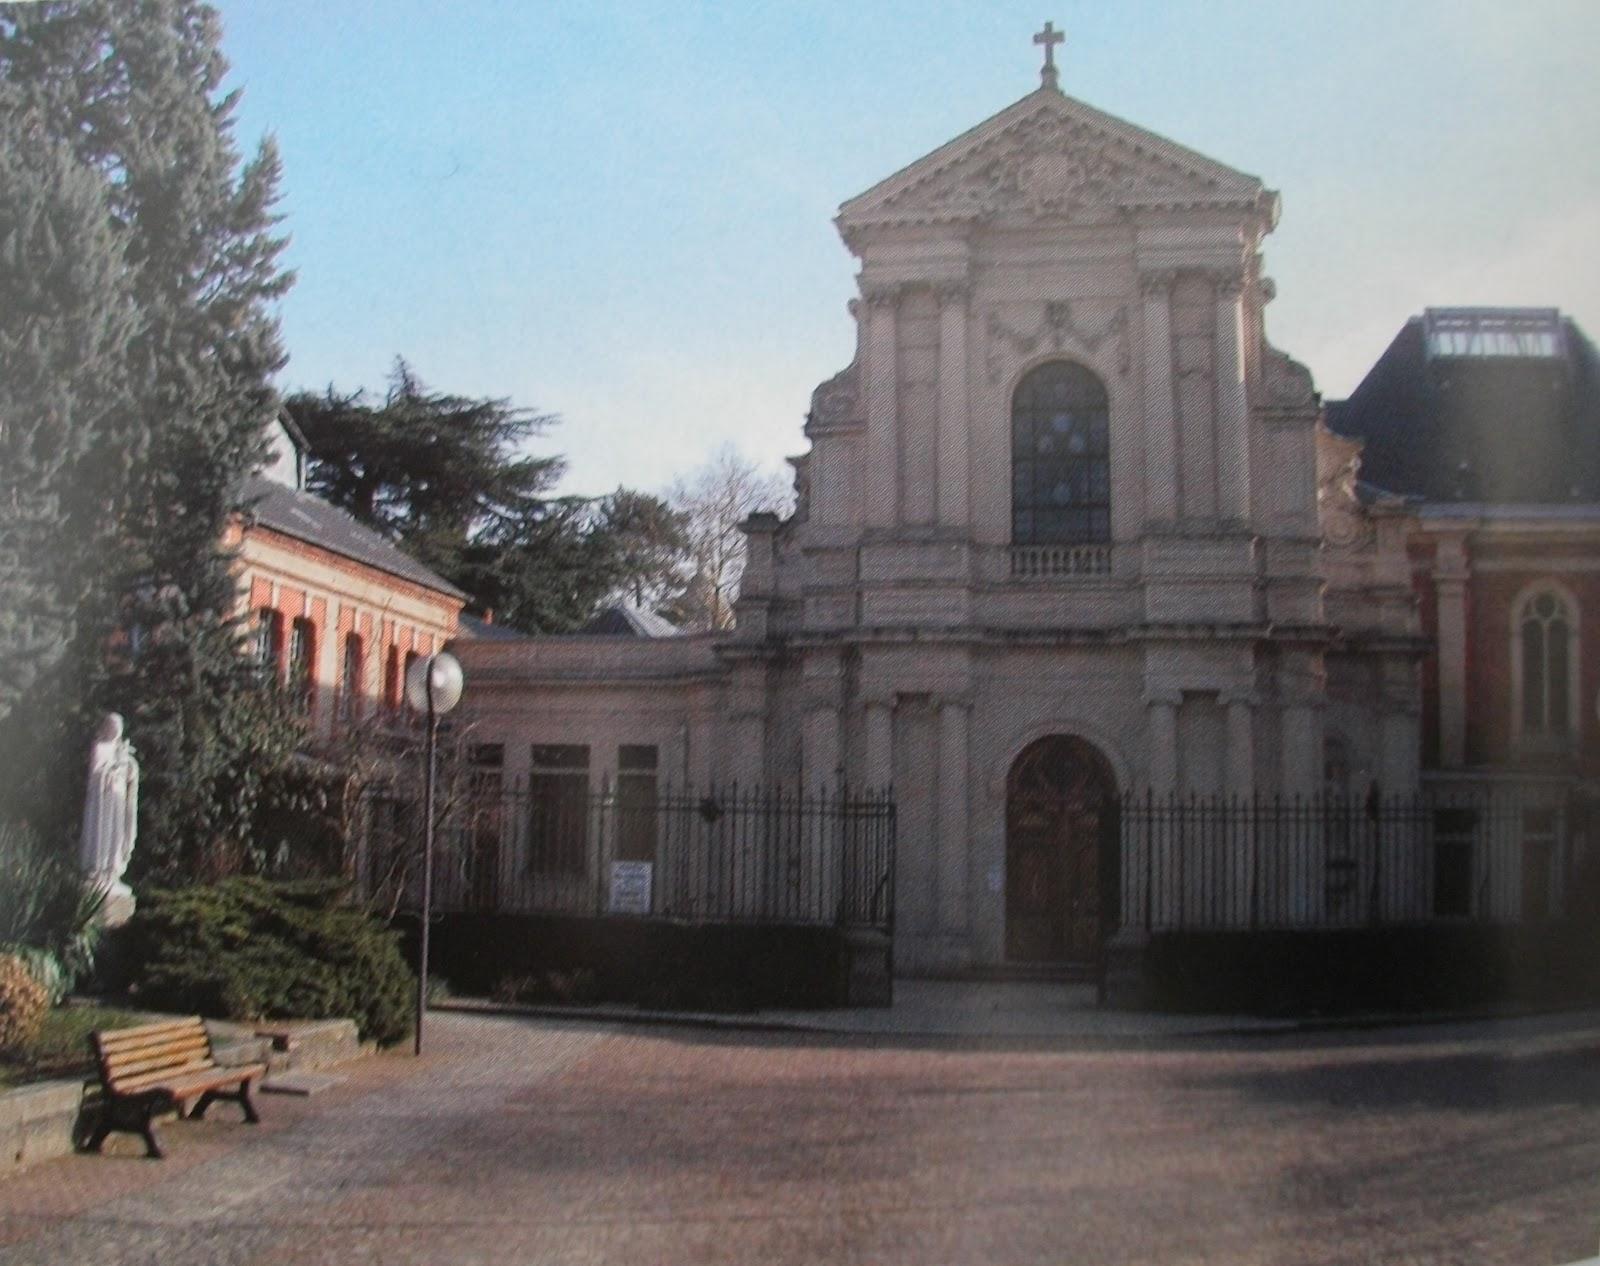 Lisieux Dating Site. un bărbat din București cauta femei din Sighișoara